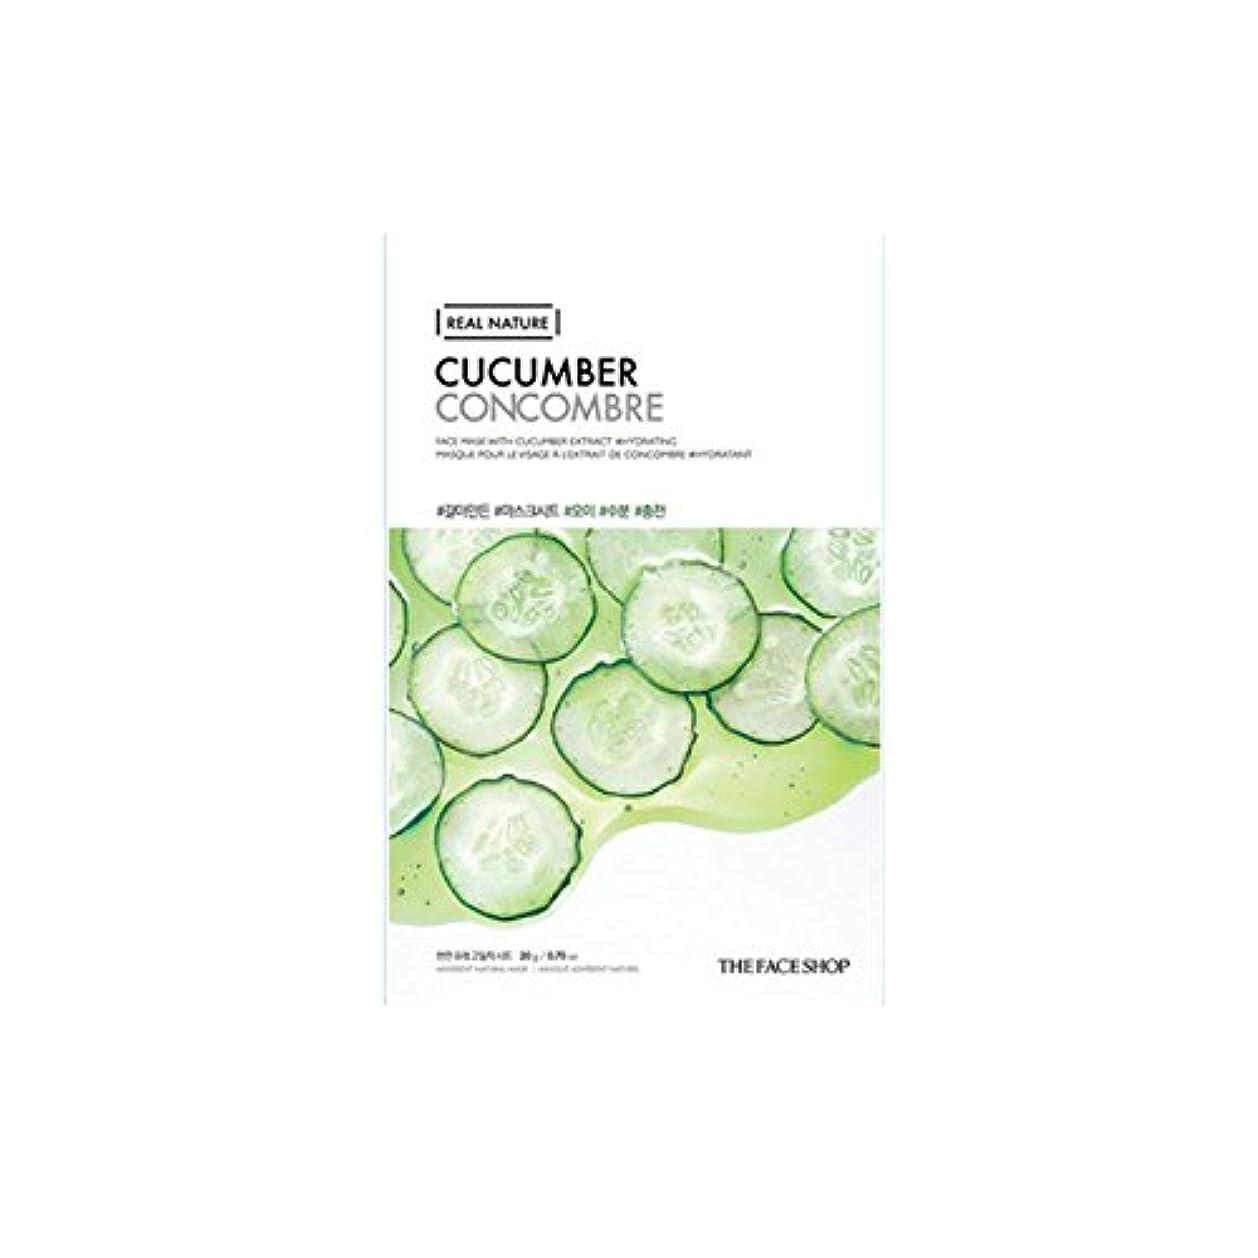 ごちそう凶暴なコーンウォール[The Face Shop] ザフェイスショップ リアルネイチャーマスクシート Real Nature Mask Sheet (Cucumber (キュウリ) 10個) [並行輸入品]